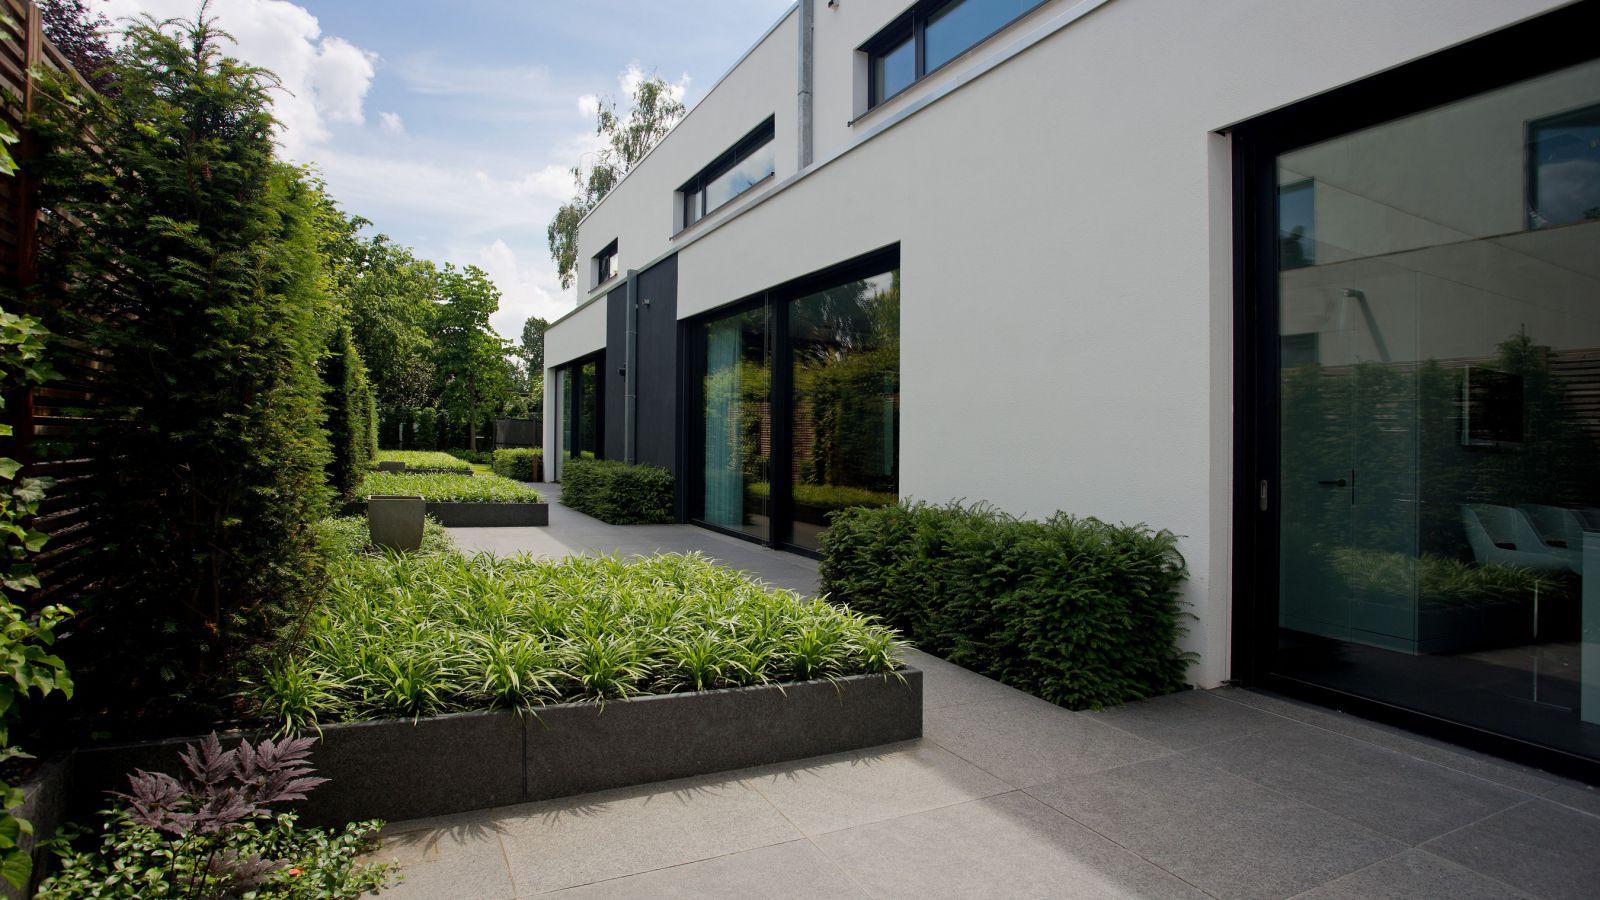 5.4 Starke Kontraste, kompromisslose Gradlinigkeit - Poolgarten in Düsseldorf